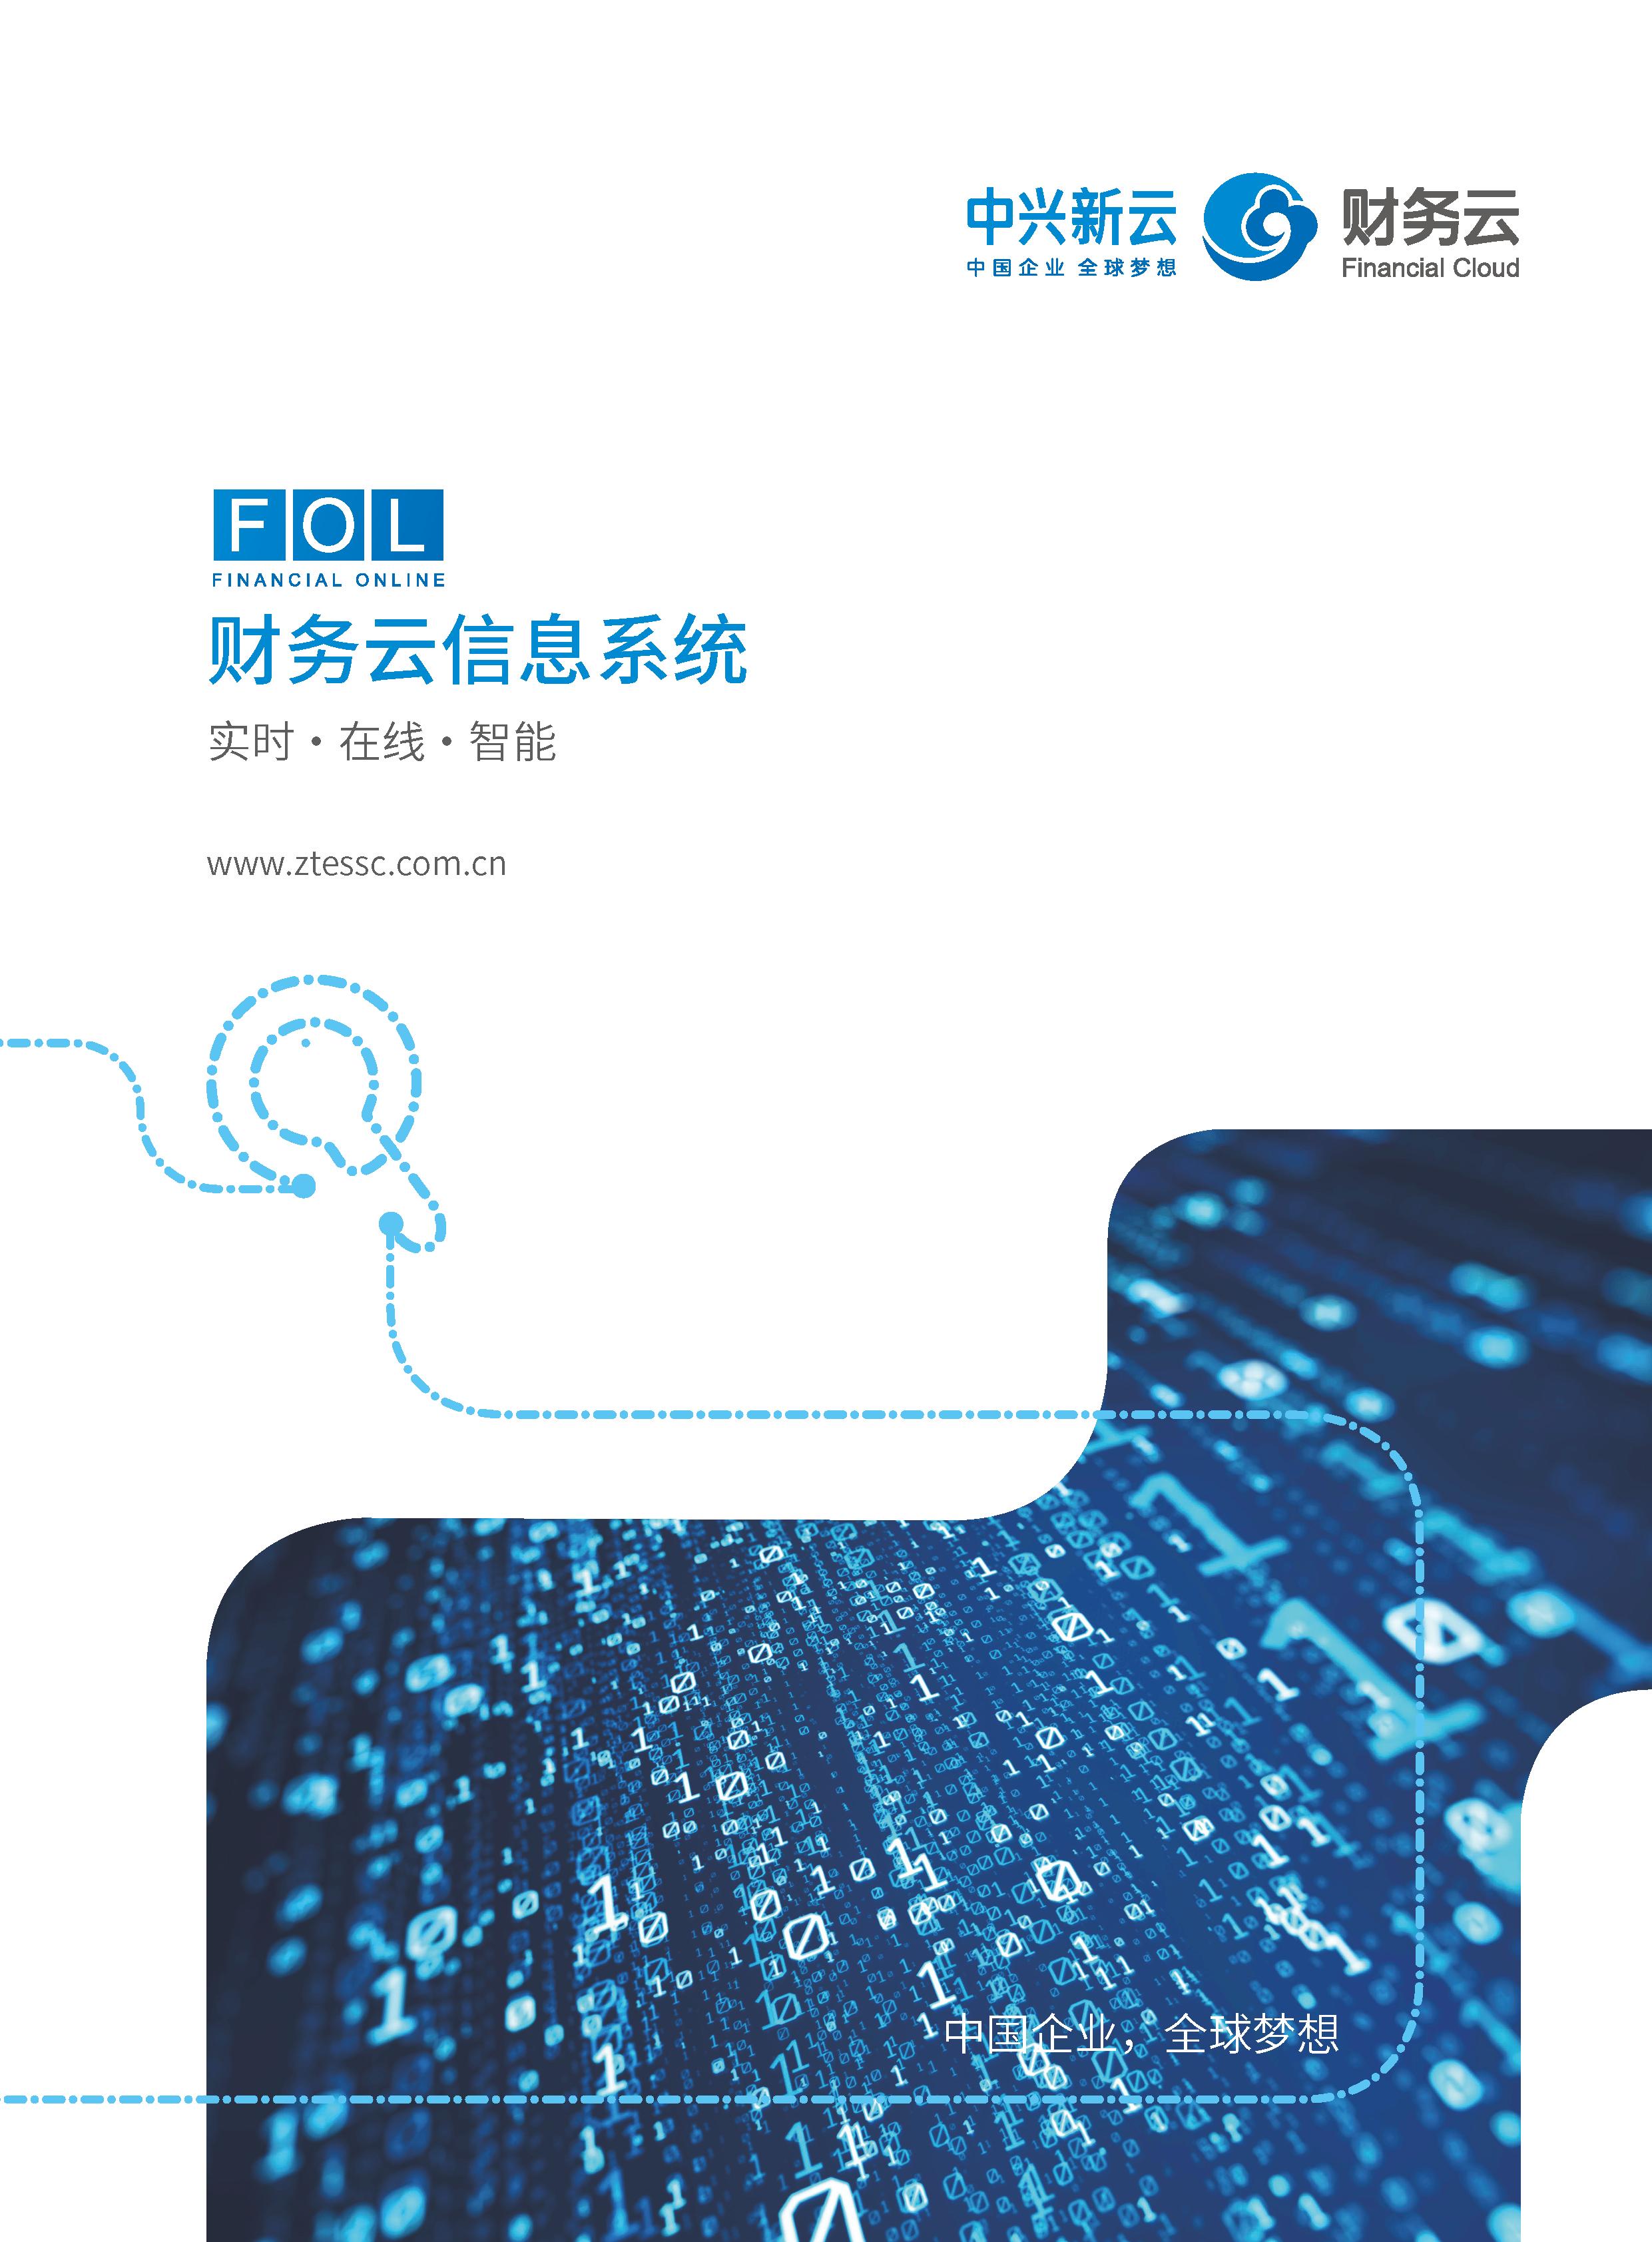 【中兴新云】FOL财务云信息系统 电子阅读版 2020 - 原本_页面_01.png